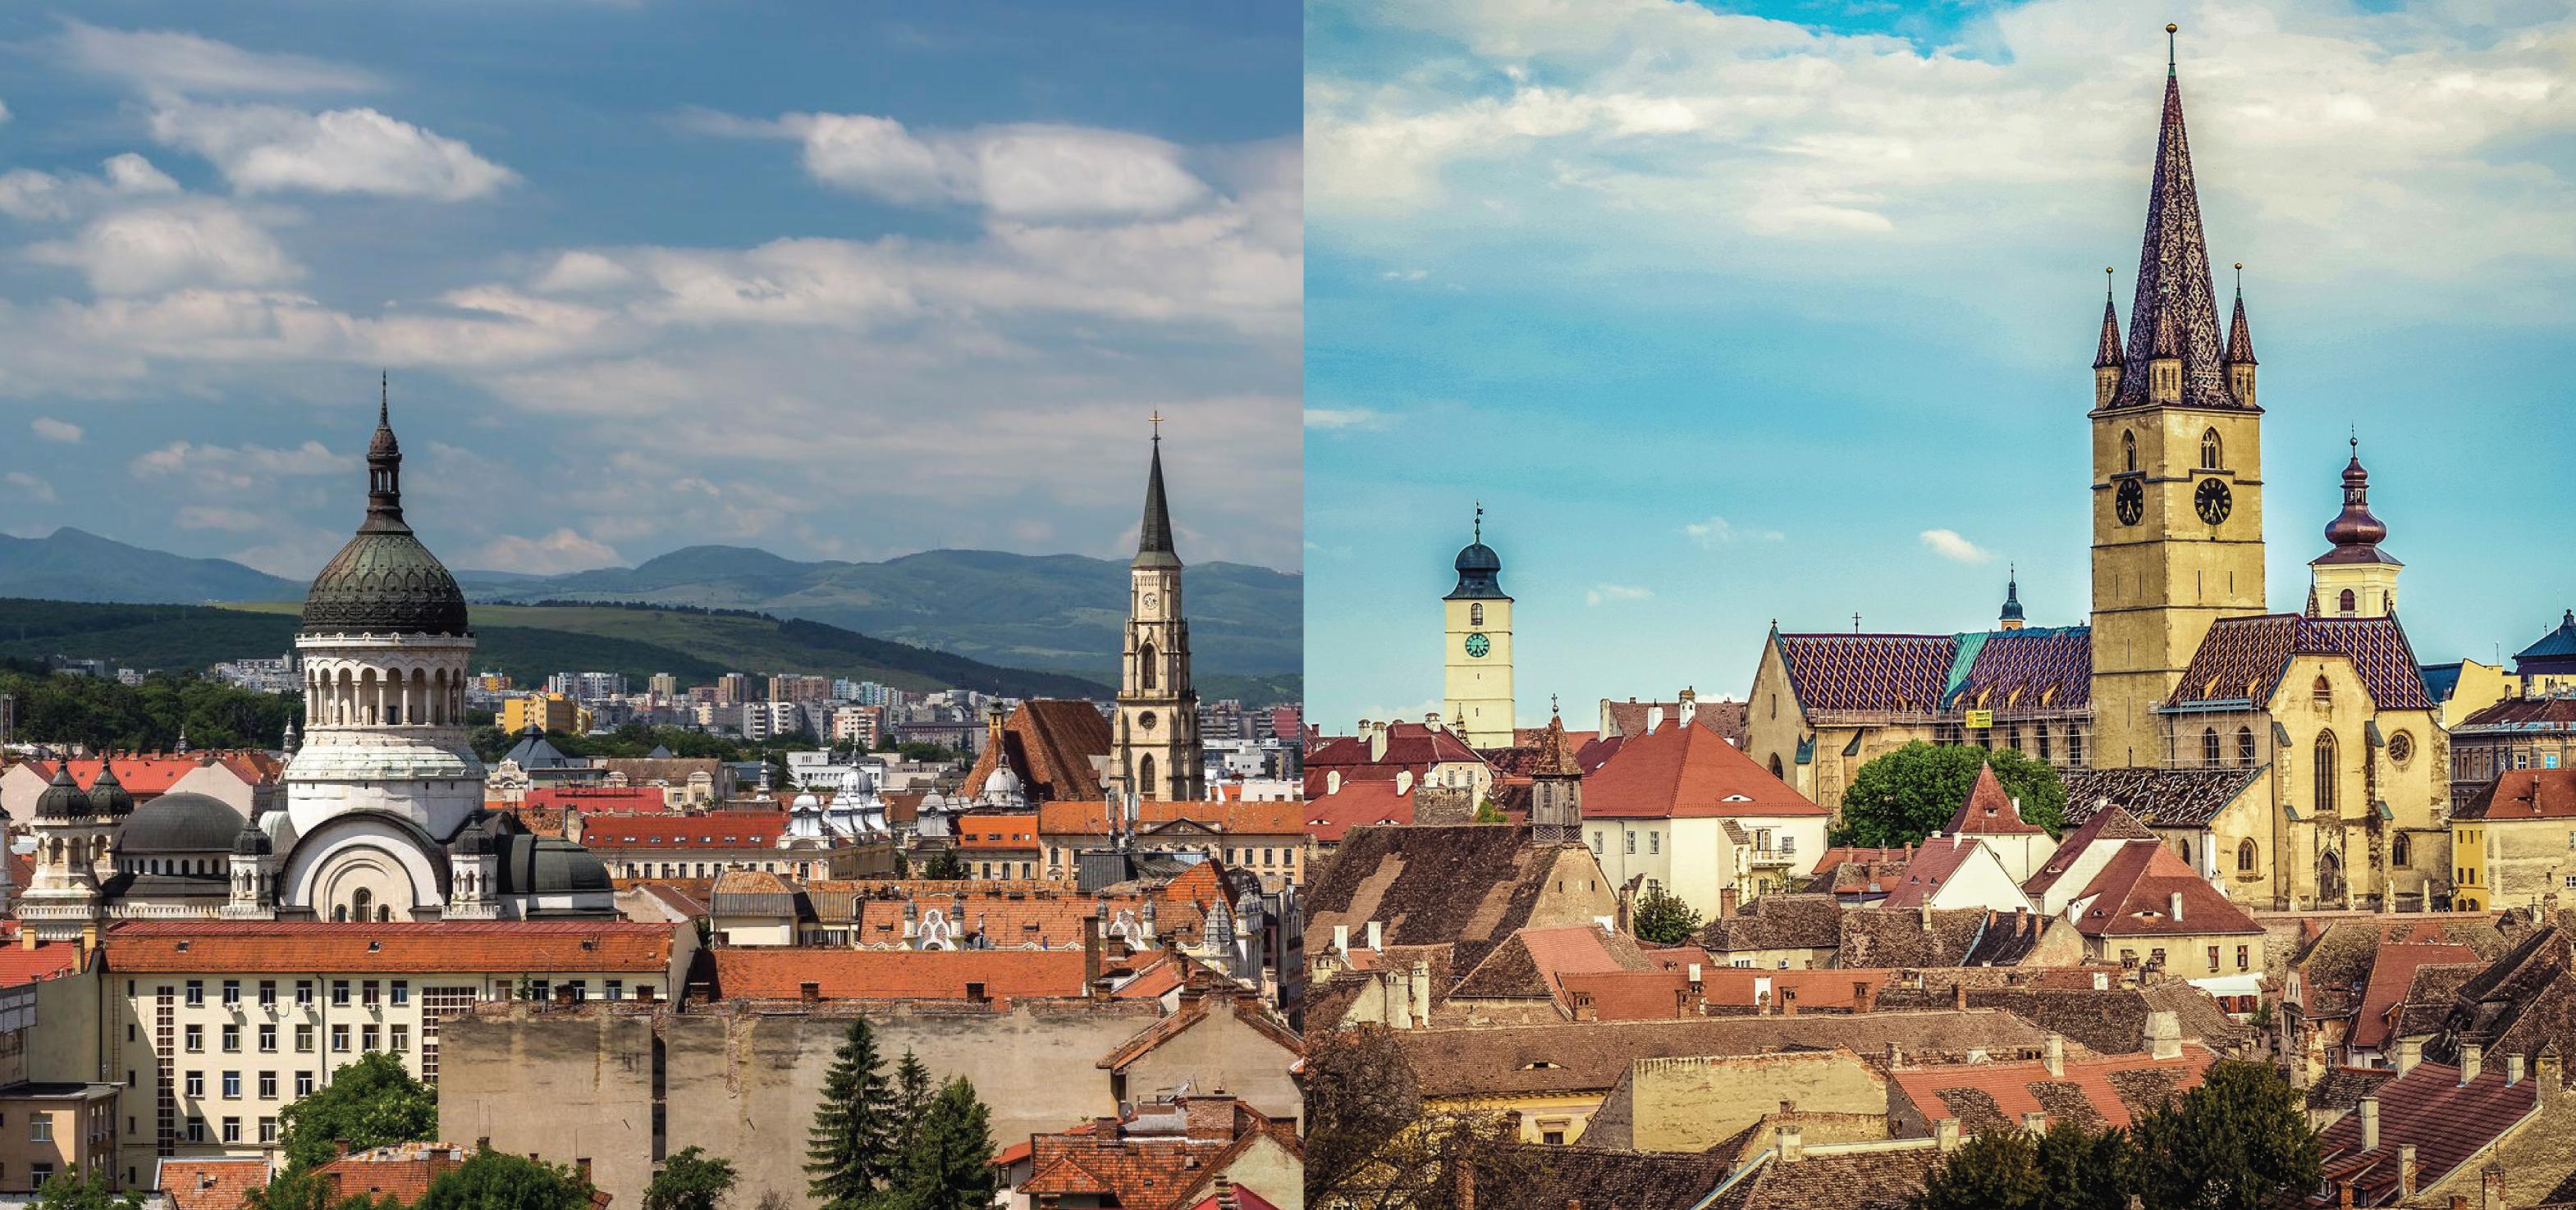 Statistică Sibiu vs. Cluj. Sibienii sunt mai puțini, dar mai muncitori. În schimb, la Cluj e mai bine să fii bolnav